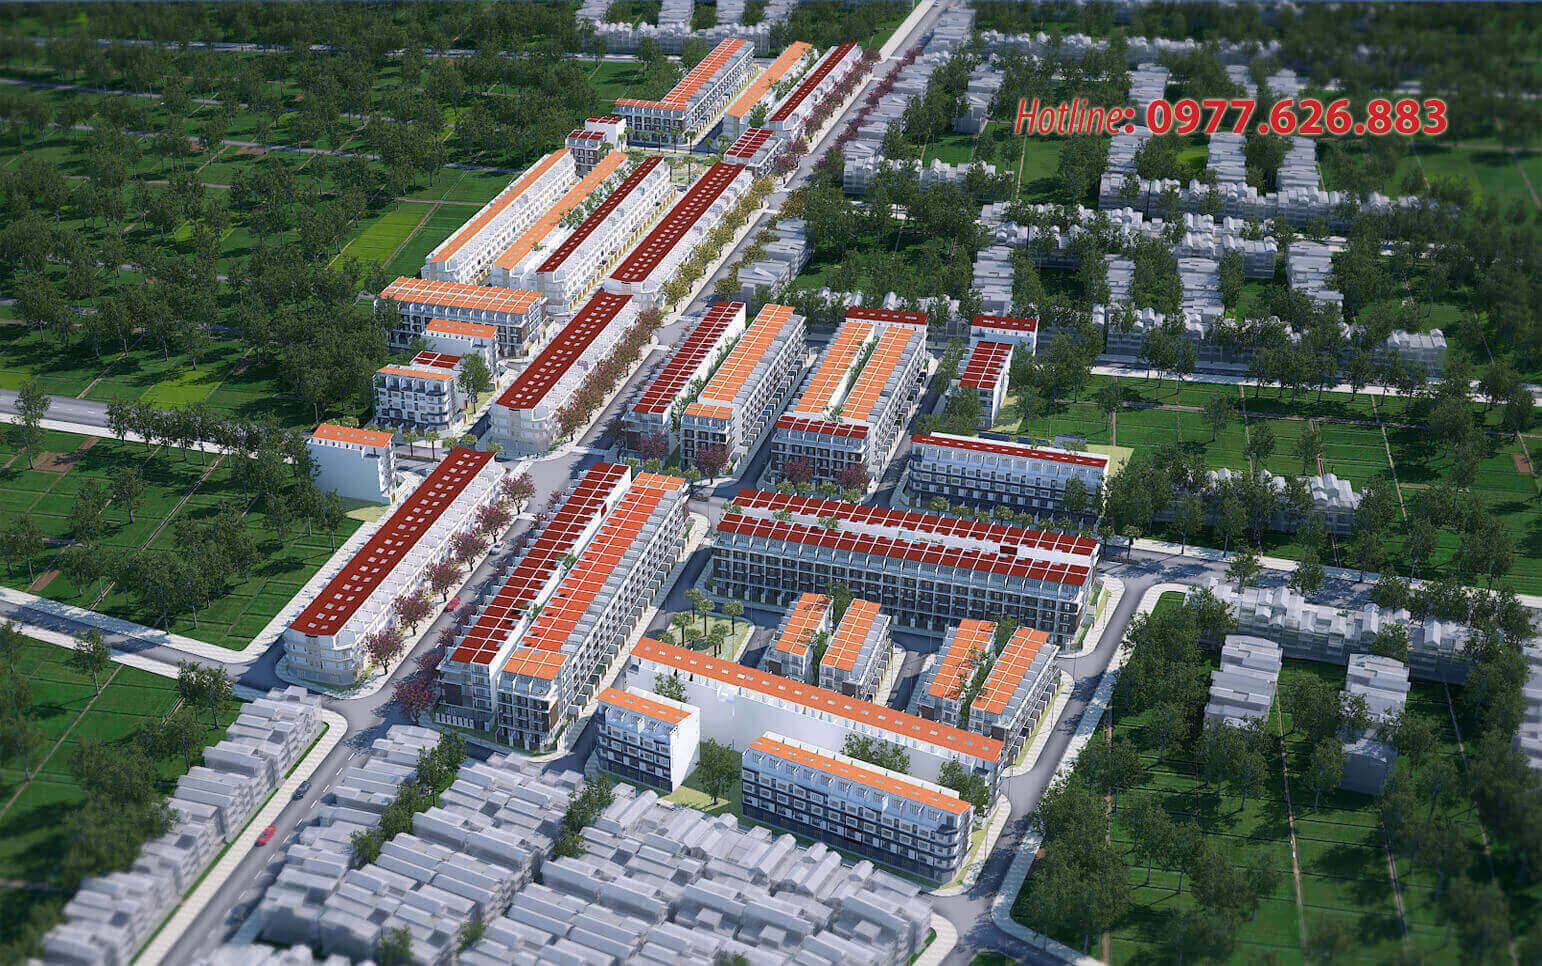 Mở bán đất nền khu dân cư Hương Mạc, Từ Sơn, Bắc Ninh mới nhất *